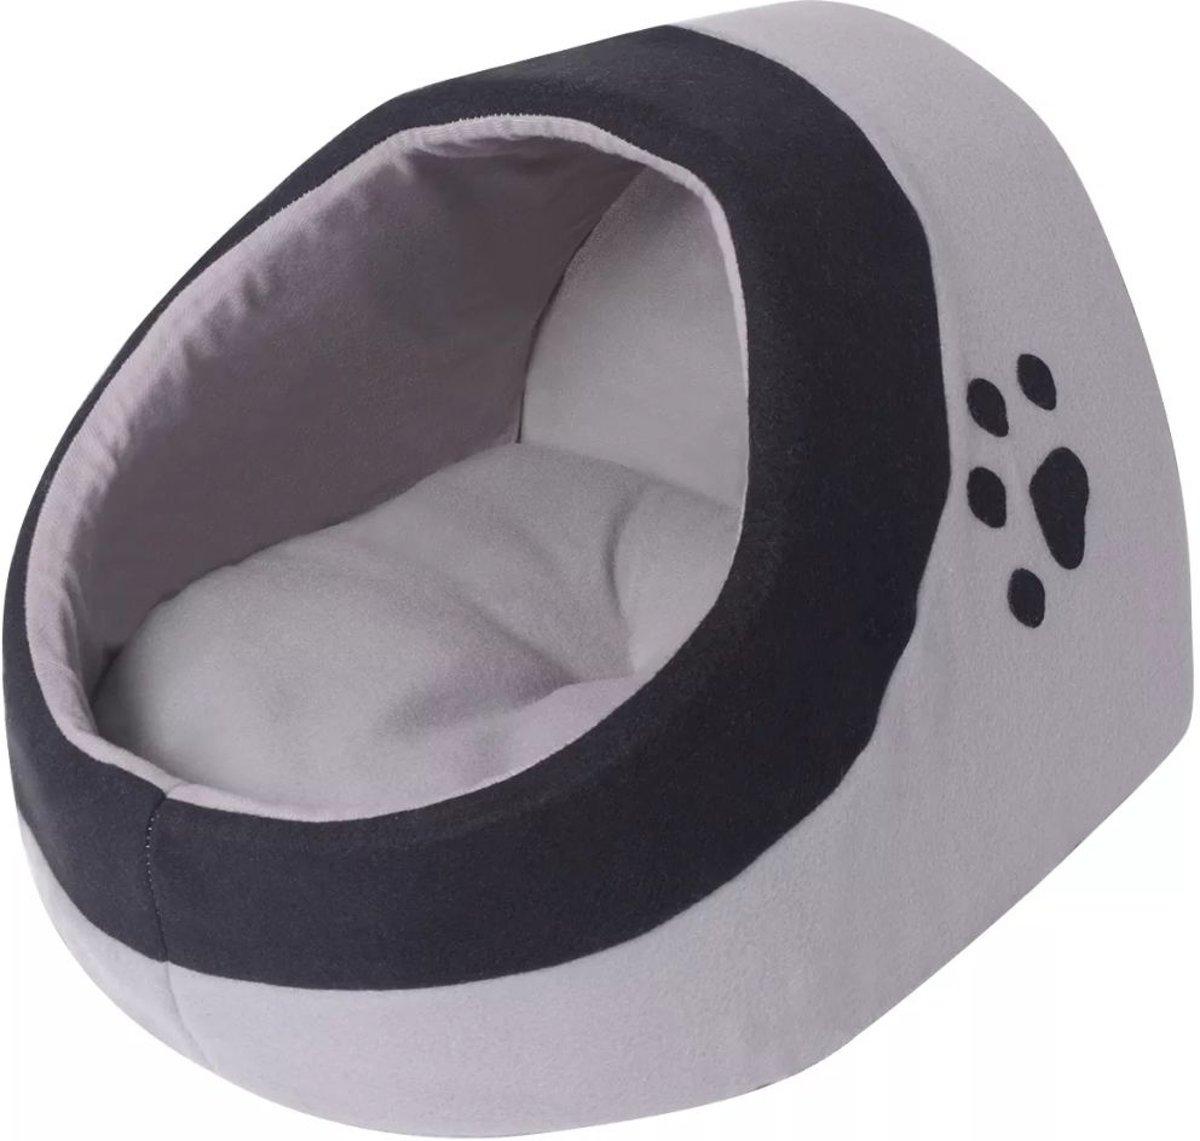 vidaXL Kussen voor katten grijs en zwart L